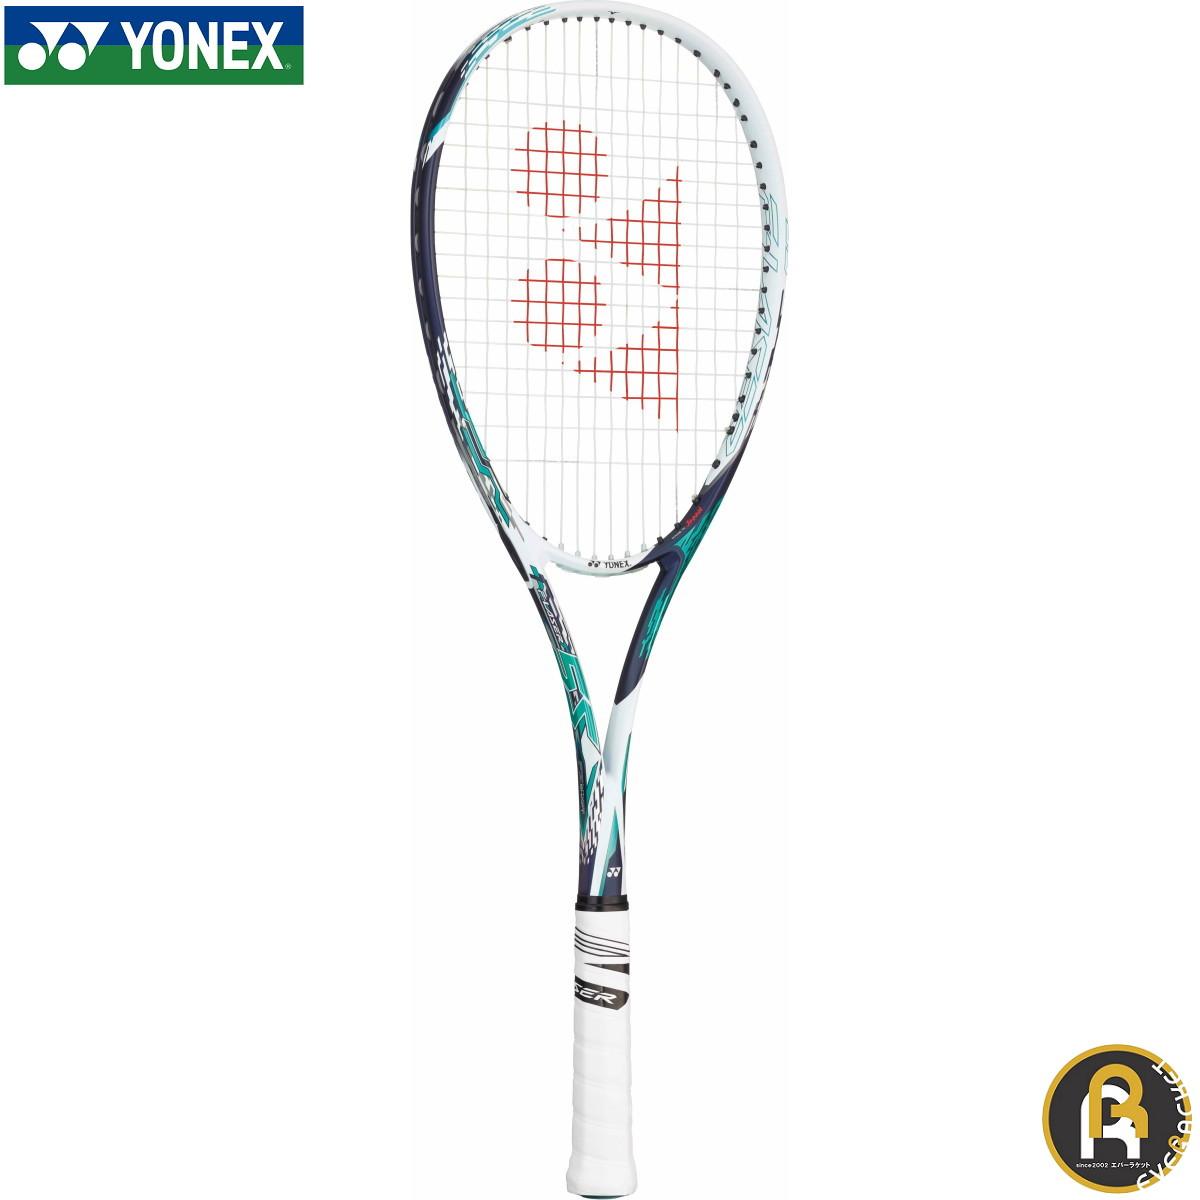 ヨネックス YONEX ソフトテニスラケット エフレーザー5S FLR5S ソフトテニス